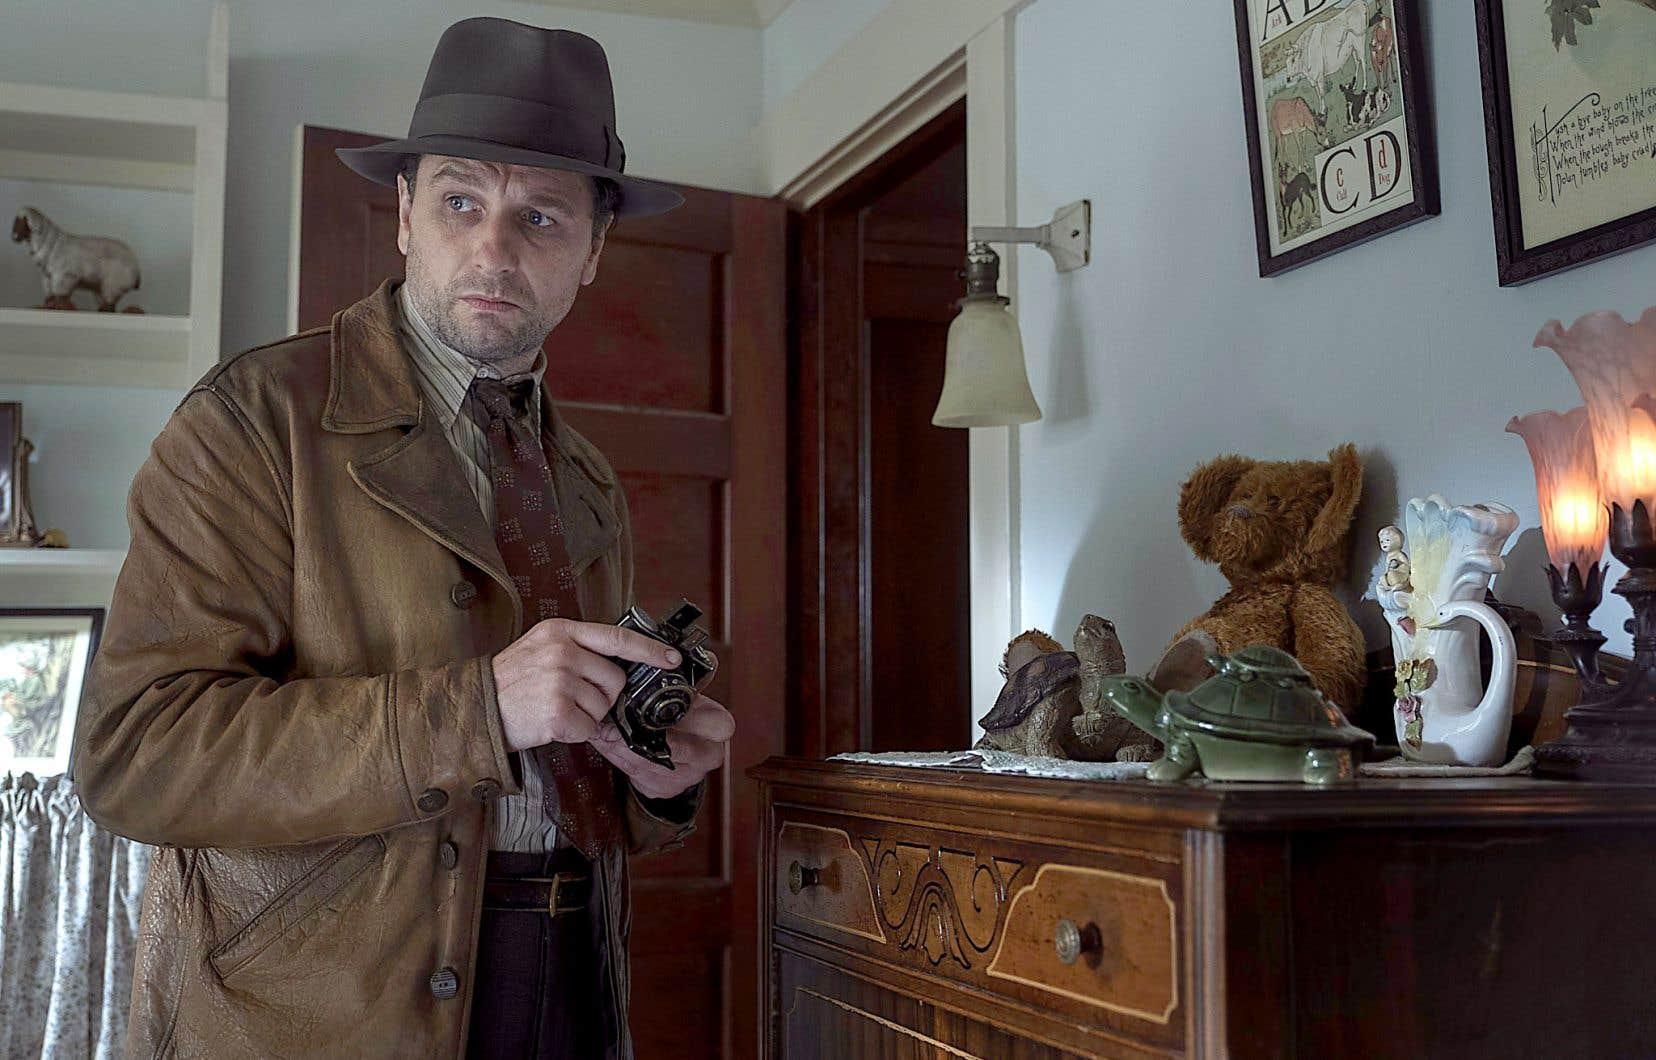 Dans la nouvelle version produite par HBO et réalisée par Timothy Van Patten, Perry Mason revit sous les traits de l'acteur gallois caméléon Matthew Rhys. L'action est campée en 1932, soit un an avant la parution du premier roman de la série.